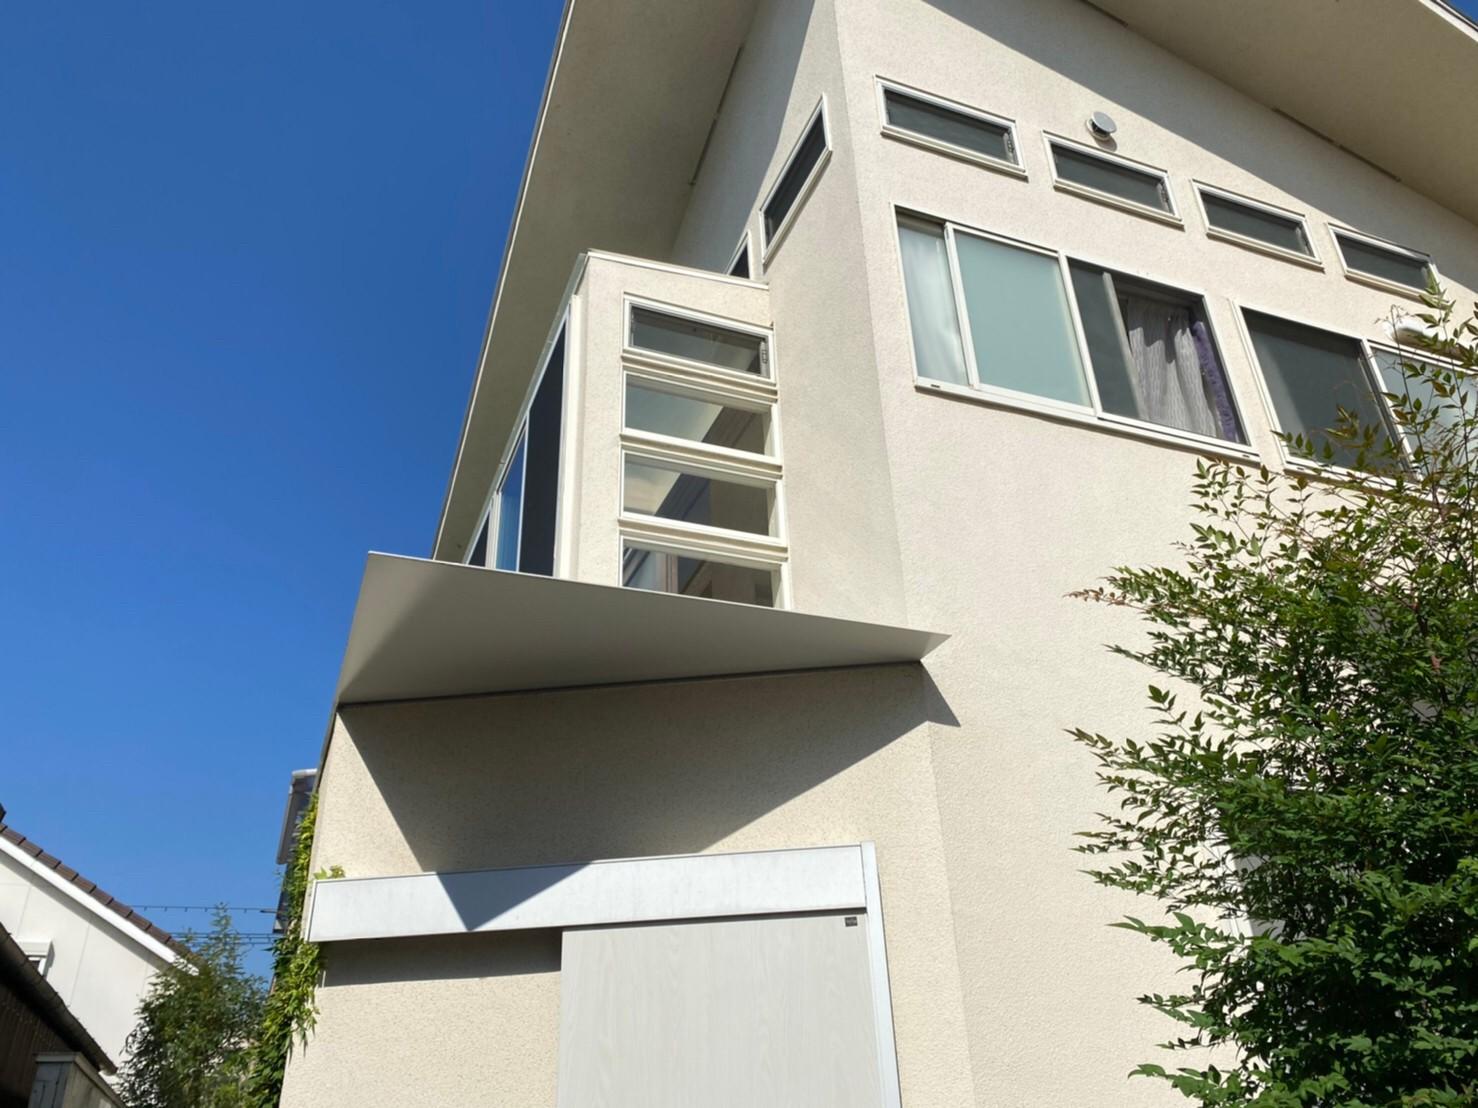 伊丹市瑞原 外壁・屋根塗装工事